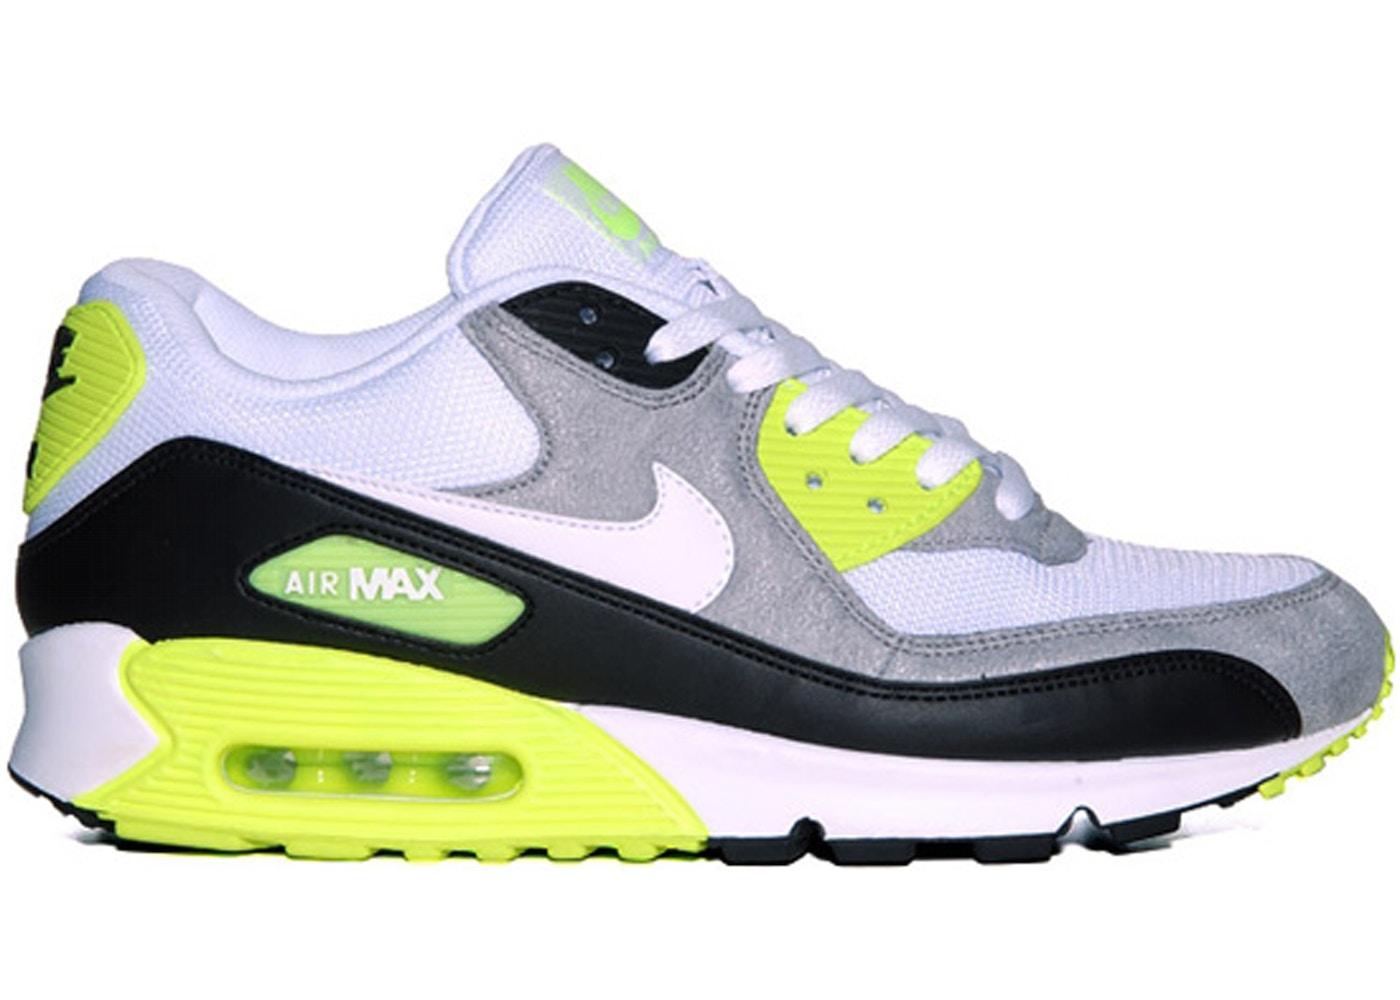 Nike Air Max 90 White Volt (2012)